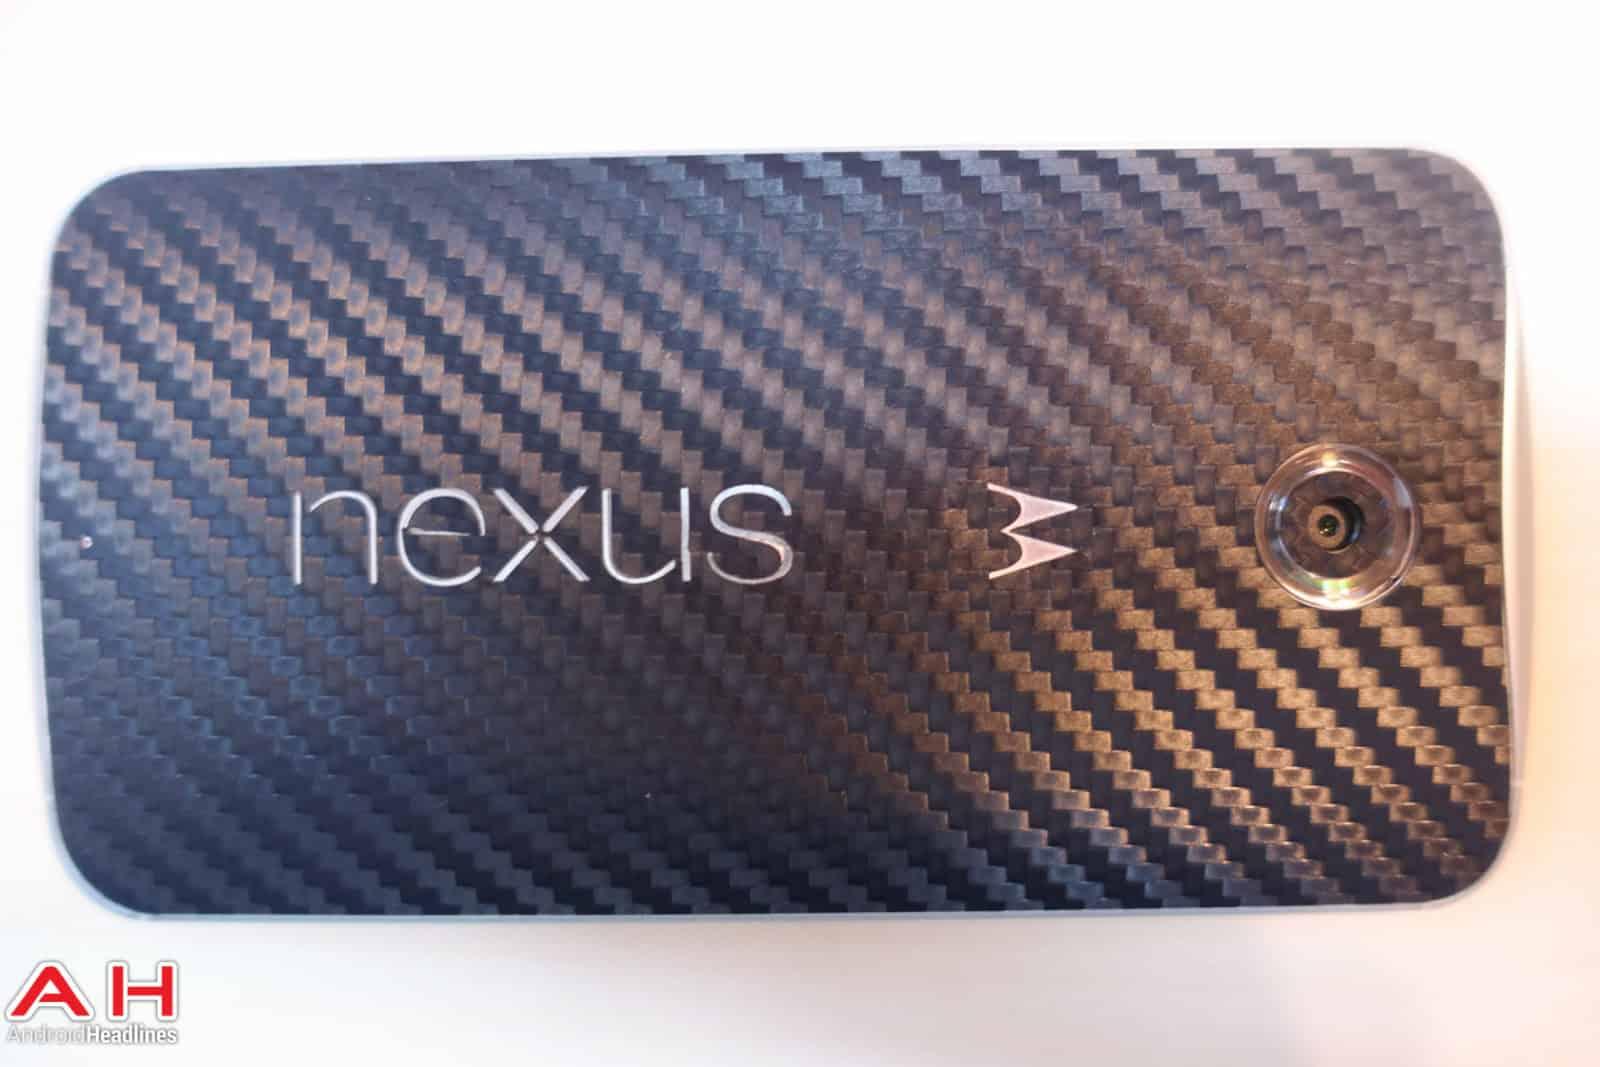 Nexus-6-SLickwraps-AH-03289